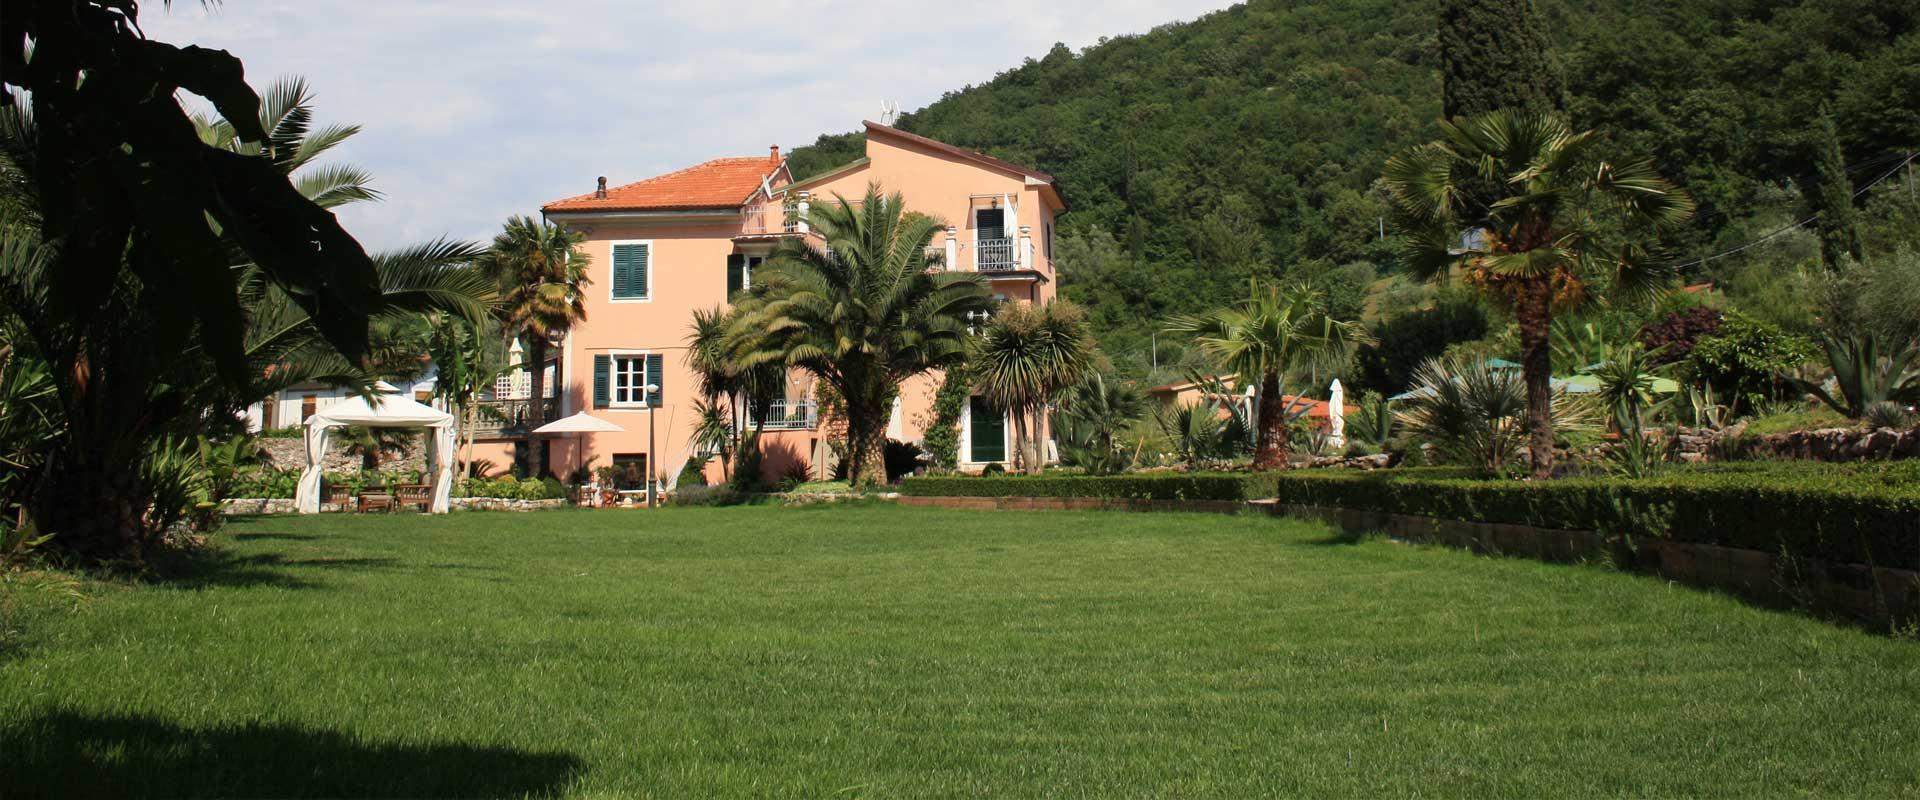 La Musa <br> Guest House